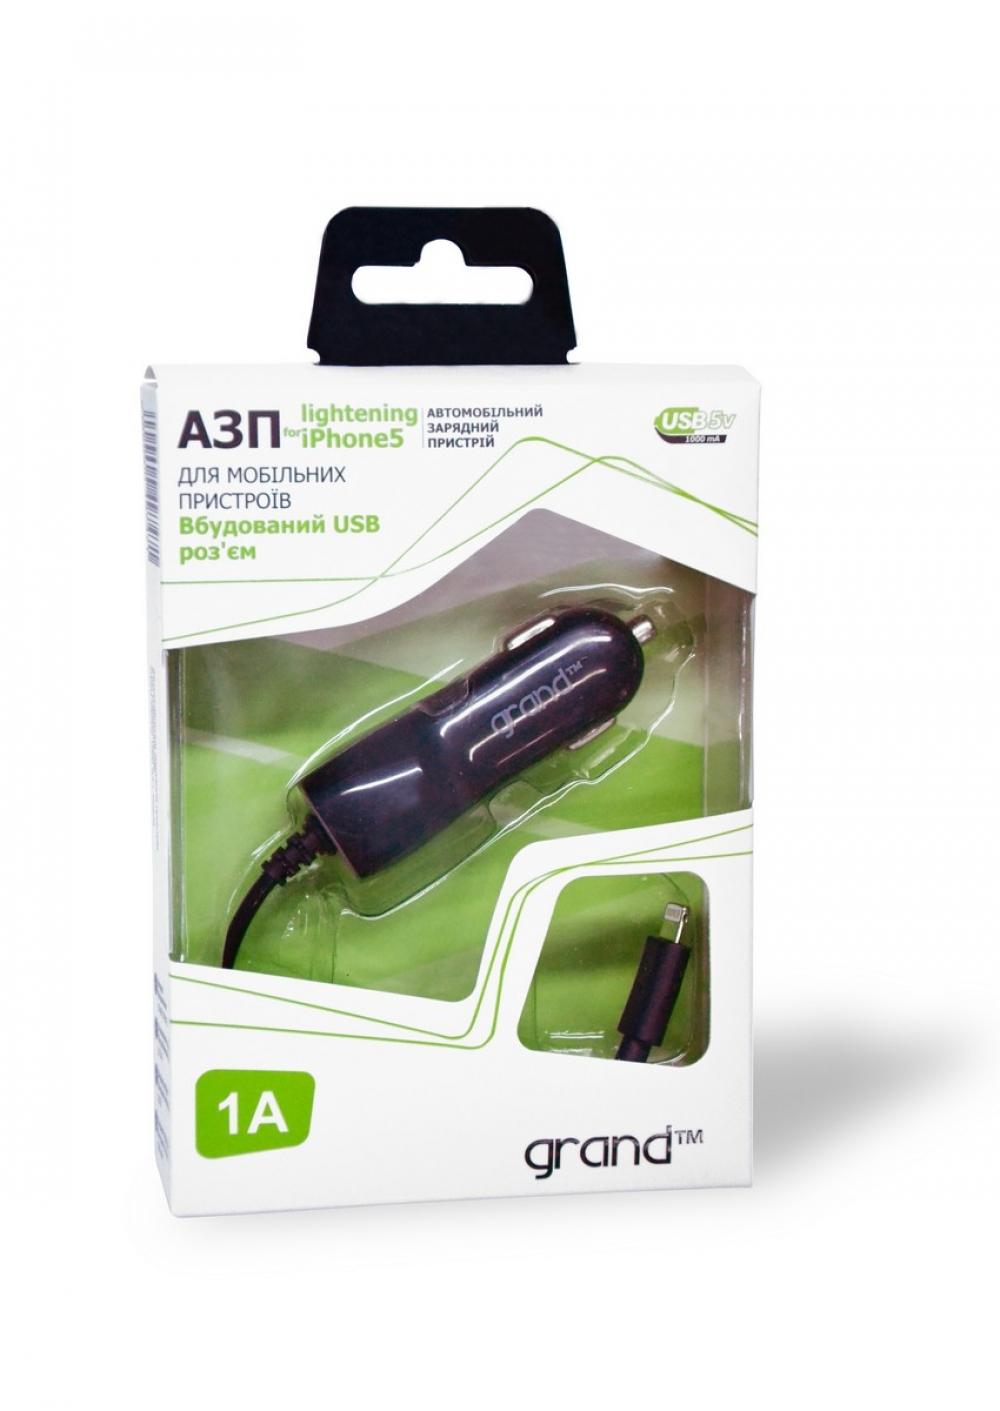 Автомобильное зарядное Grand iPhone 5 1000mah